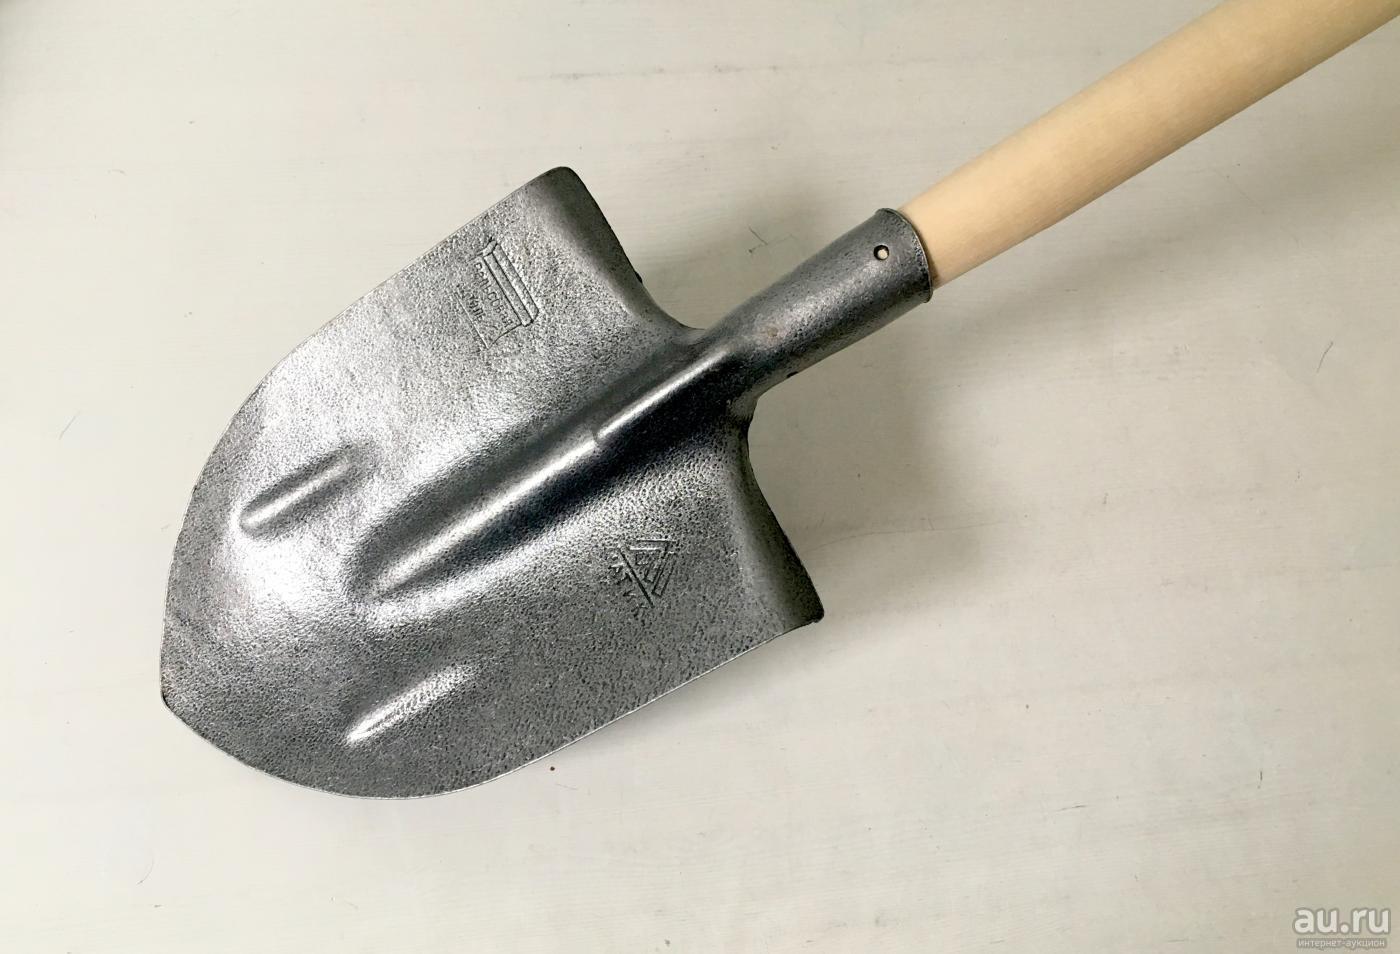 Полотно для лопаты.